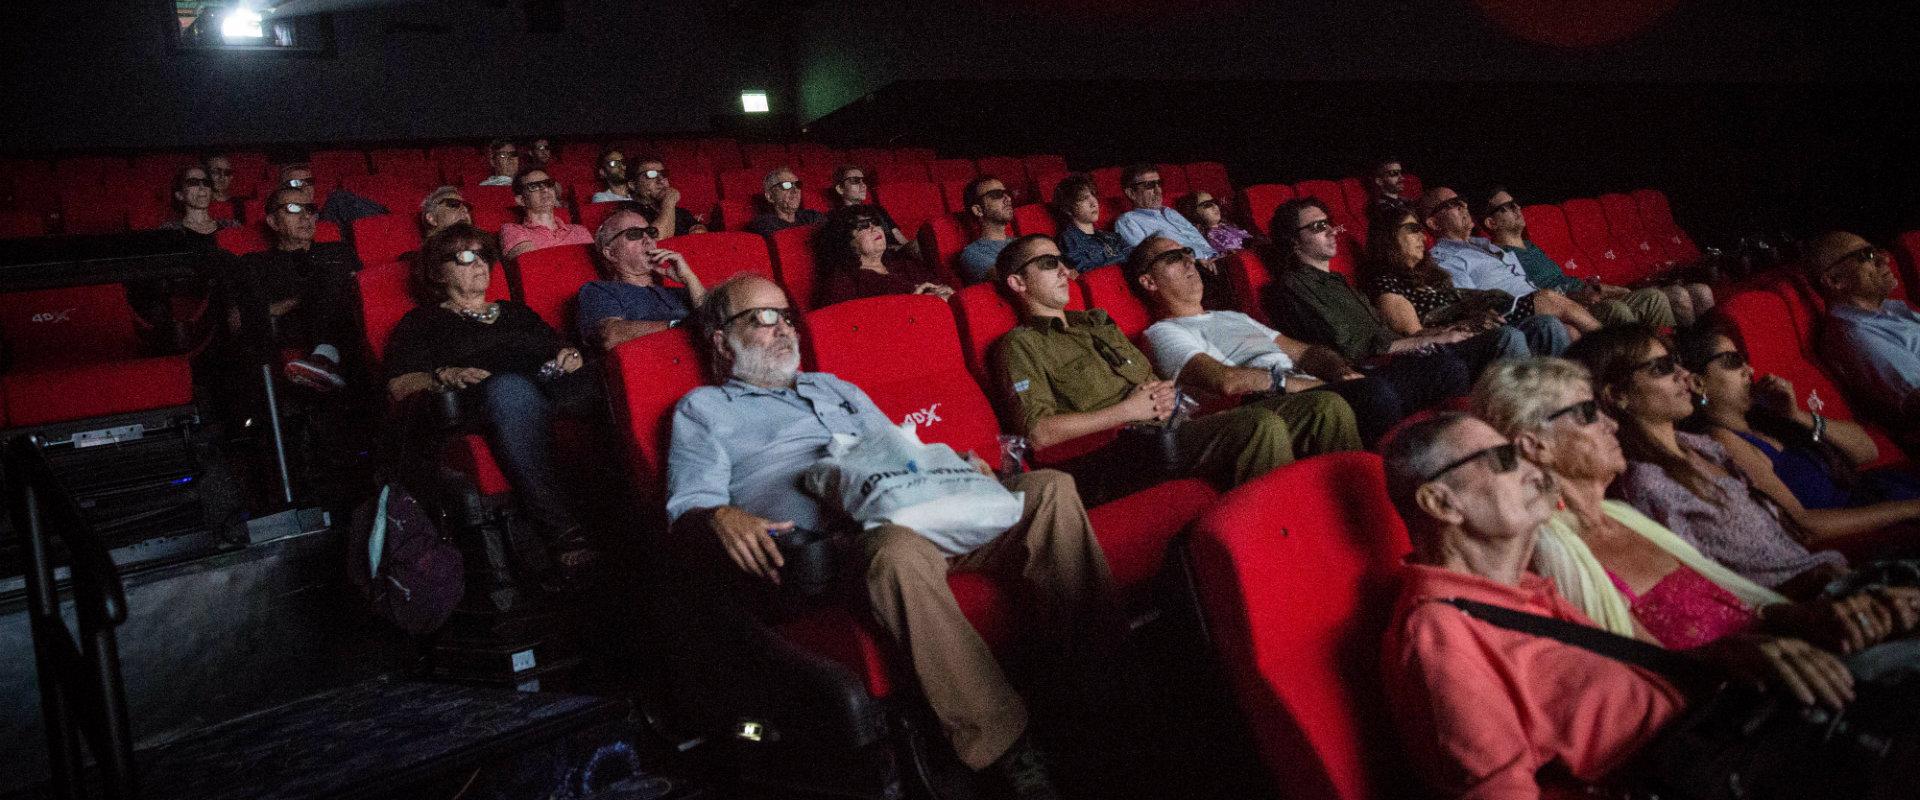 אילוסטרציה: צופים בקולנוע. תחרות קשה